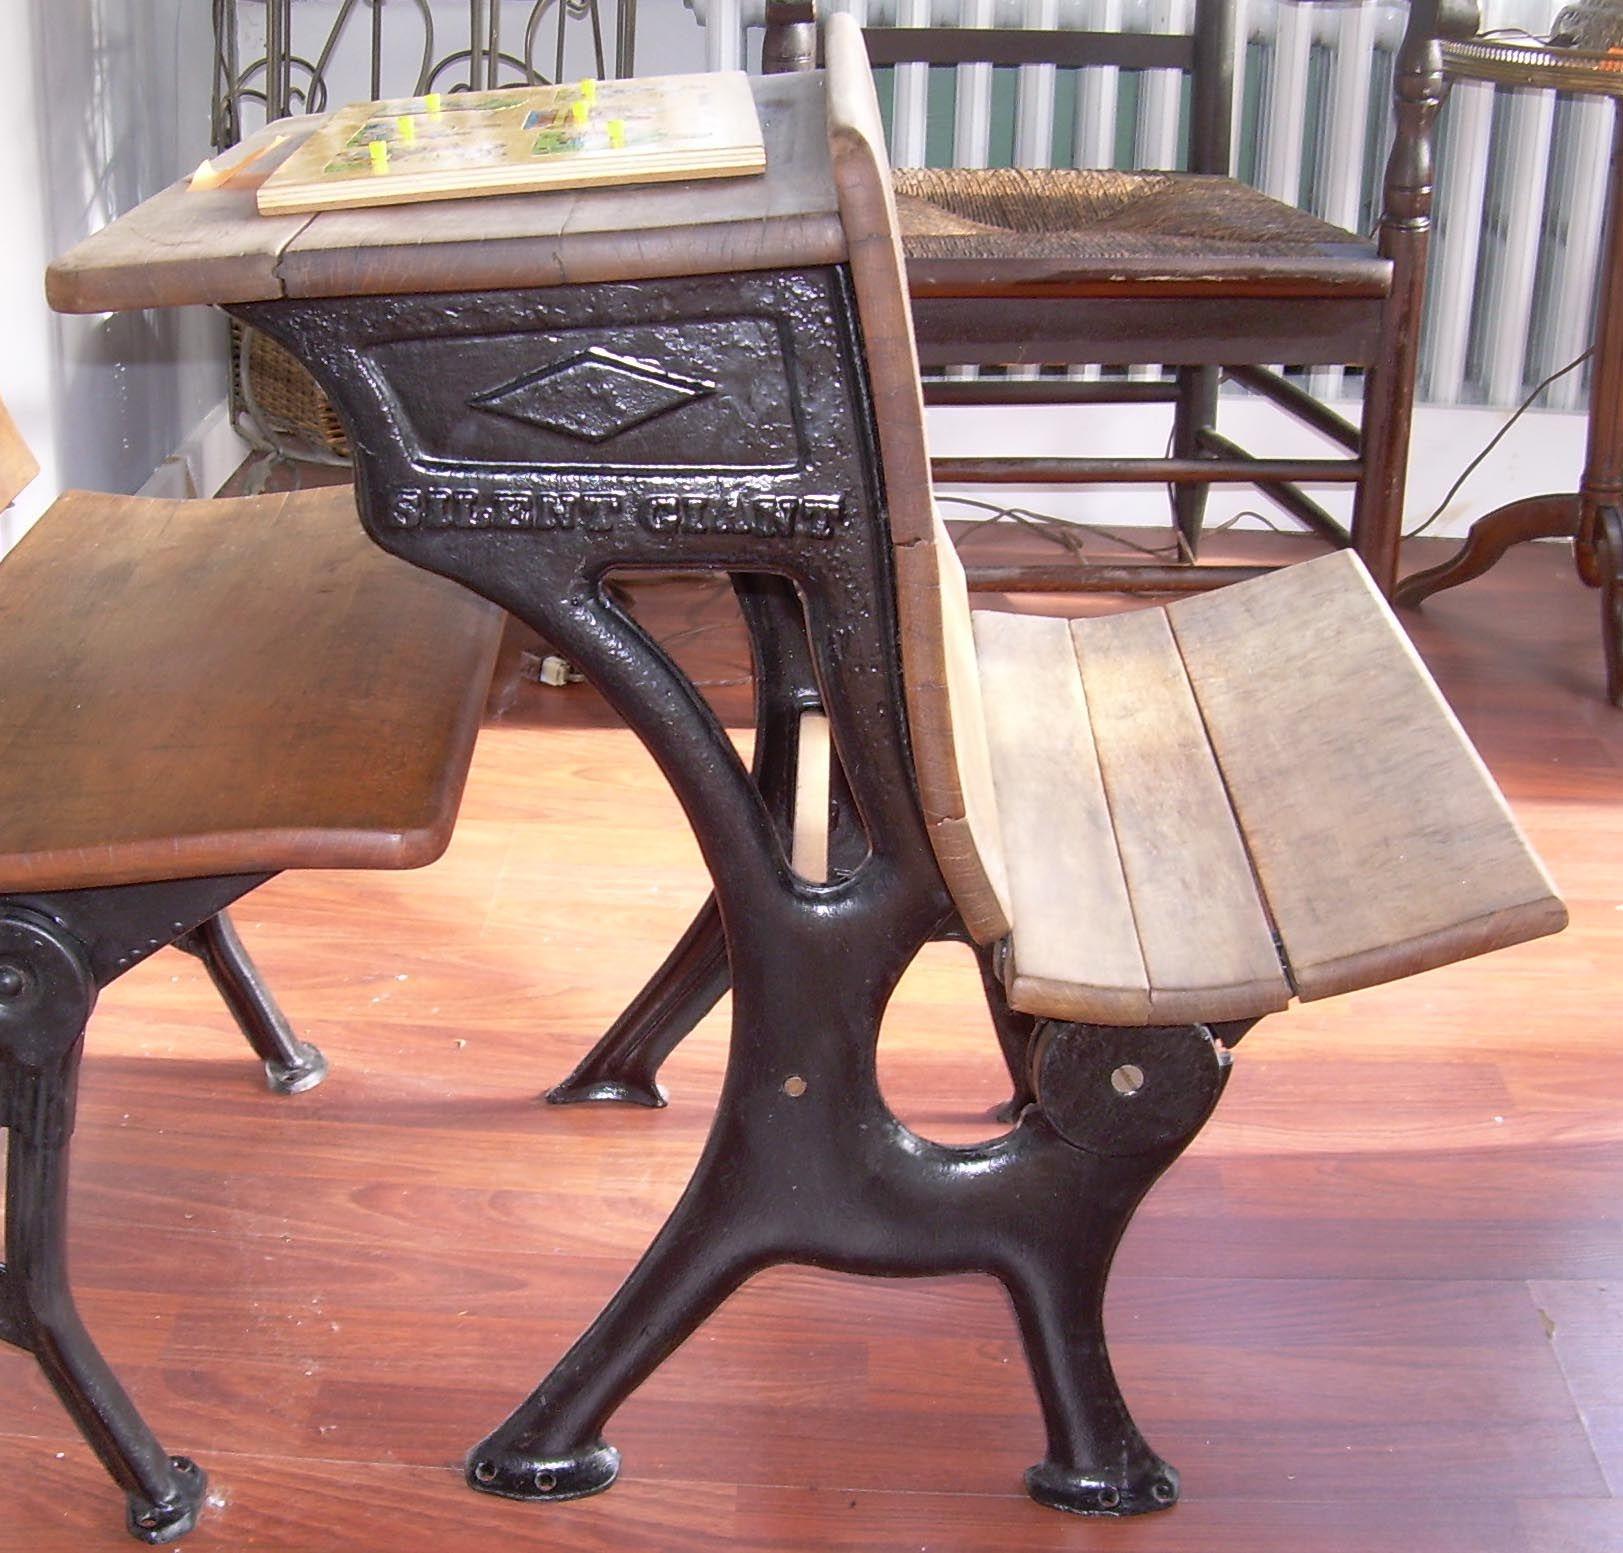 Desk wooden children s desk moulin roty furniture children s desk - A Old Time Silent Giant School Desk